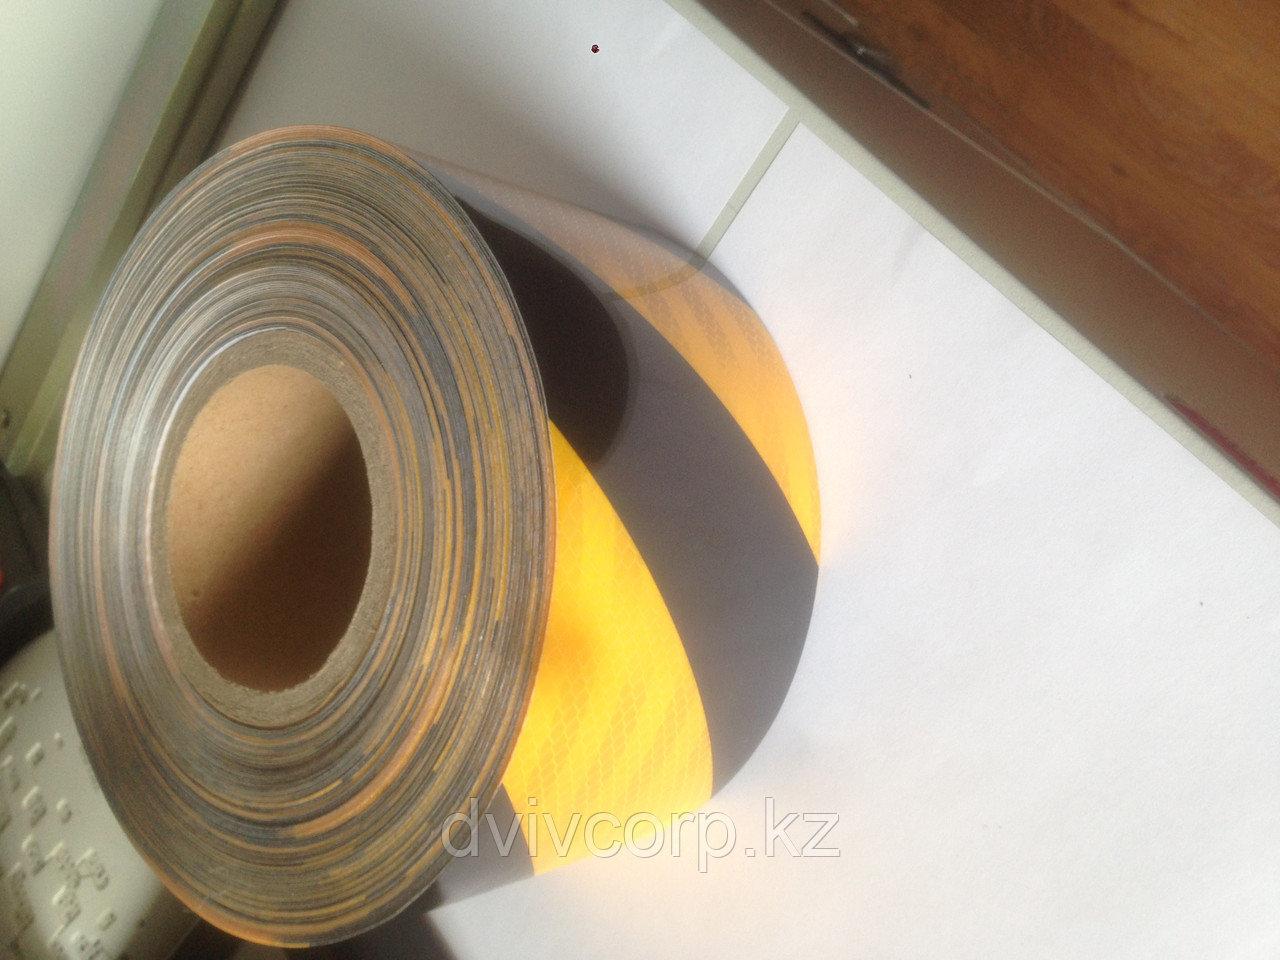 Лента световозвращающая черно-желтая 10 см (алмазная) - фото 2